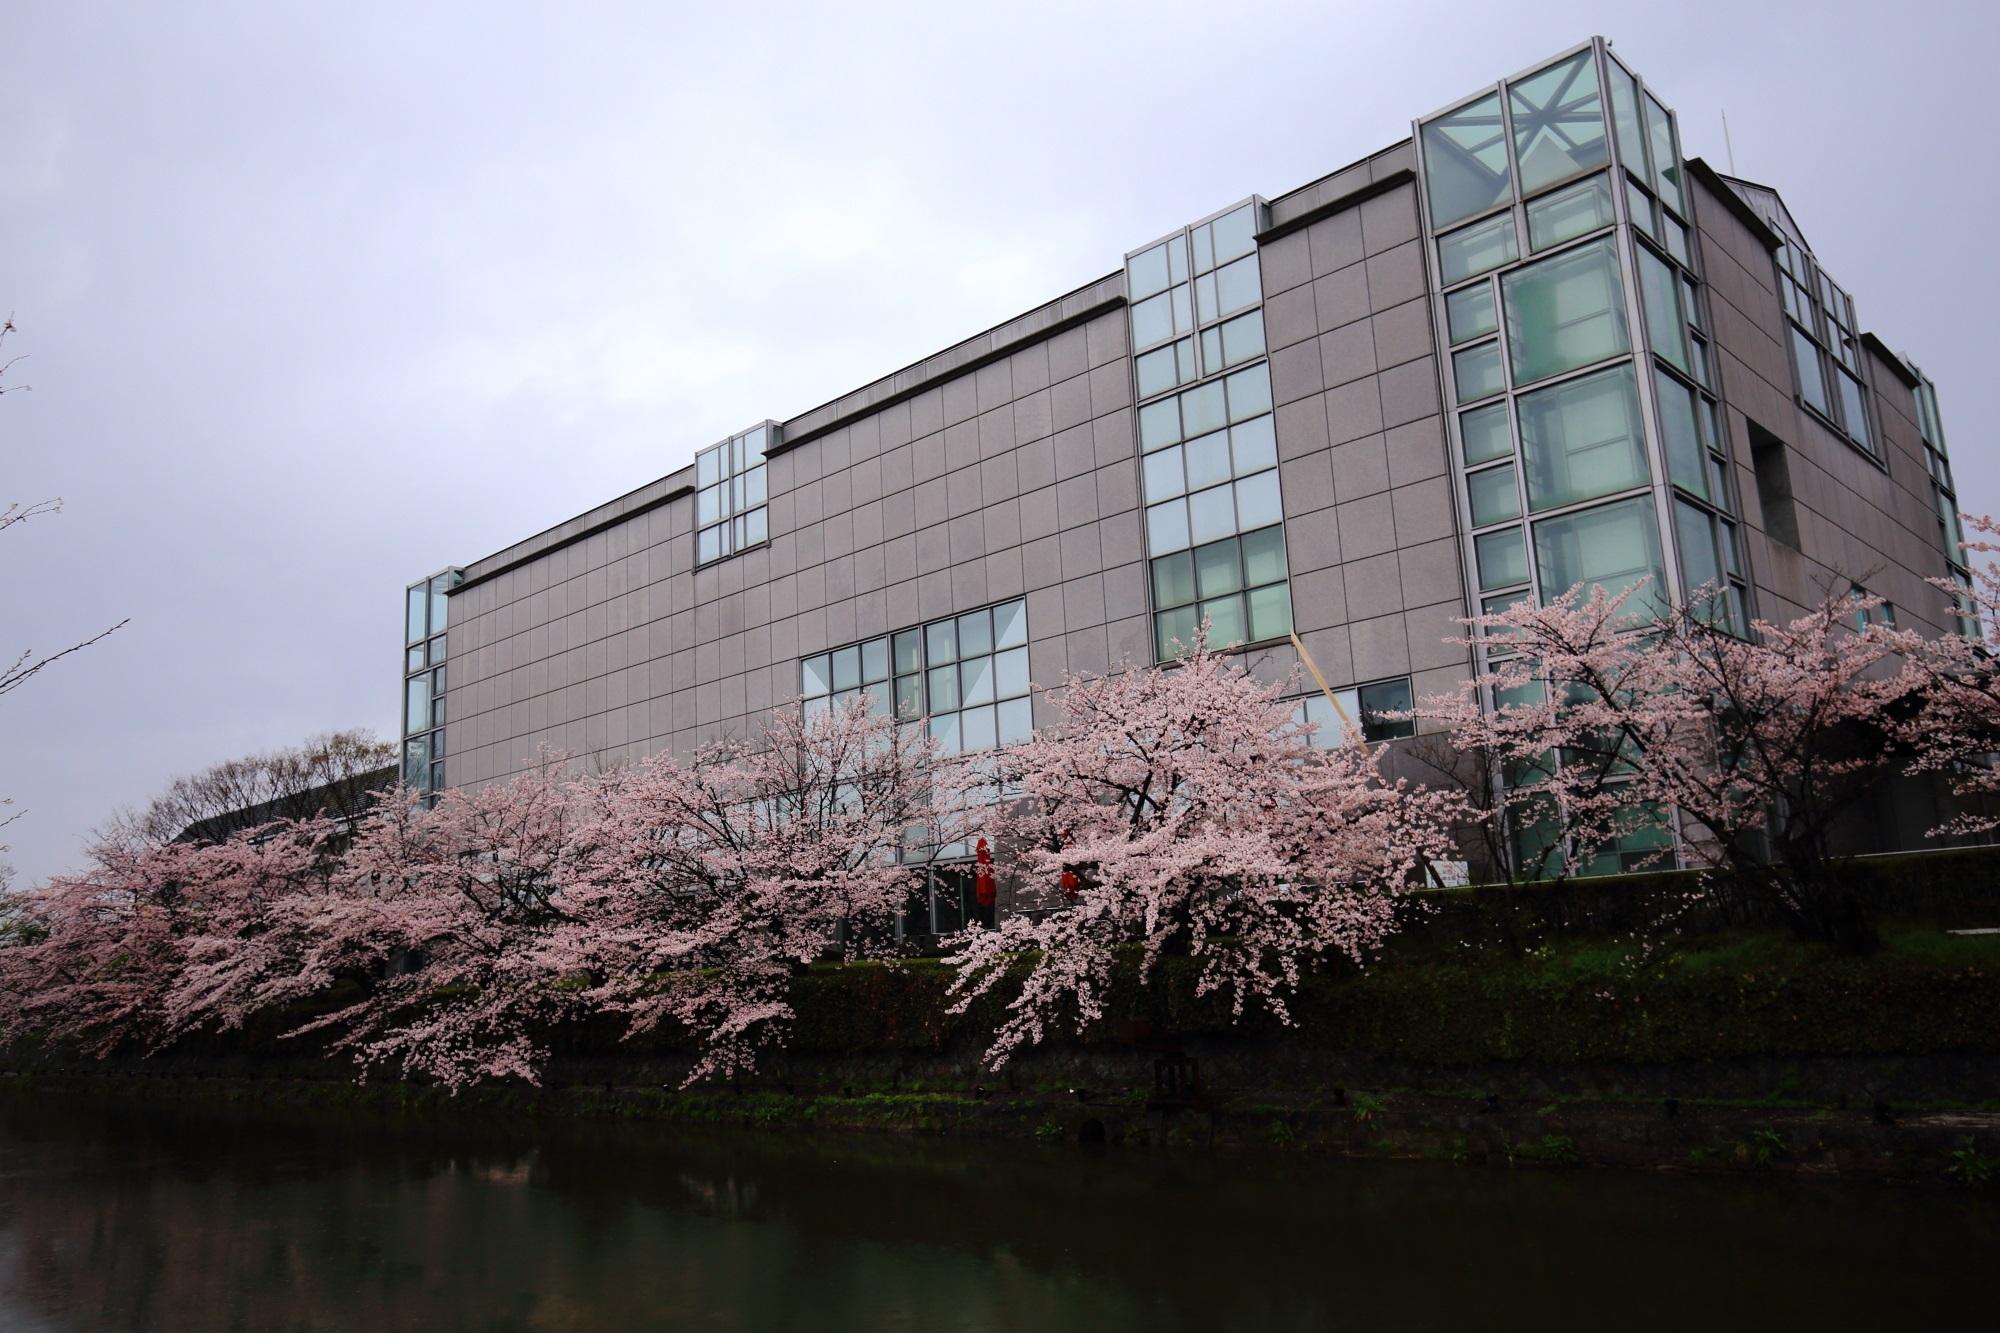 岡崎疏水 桜国立近代美術館 満開